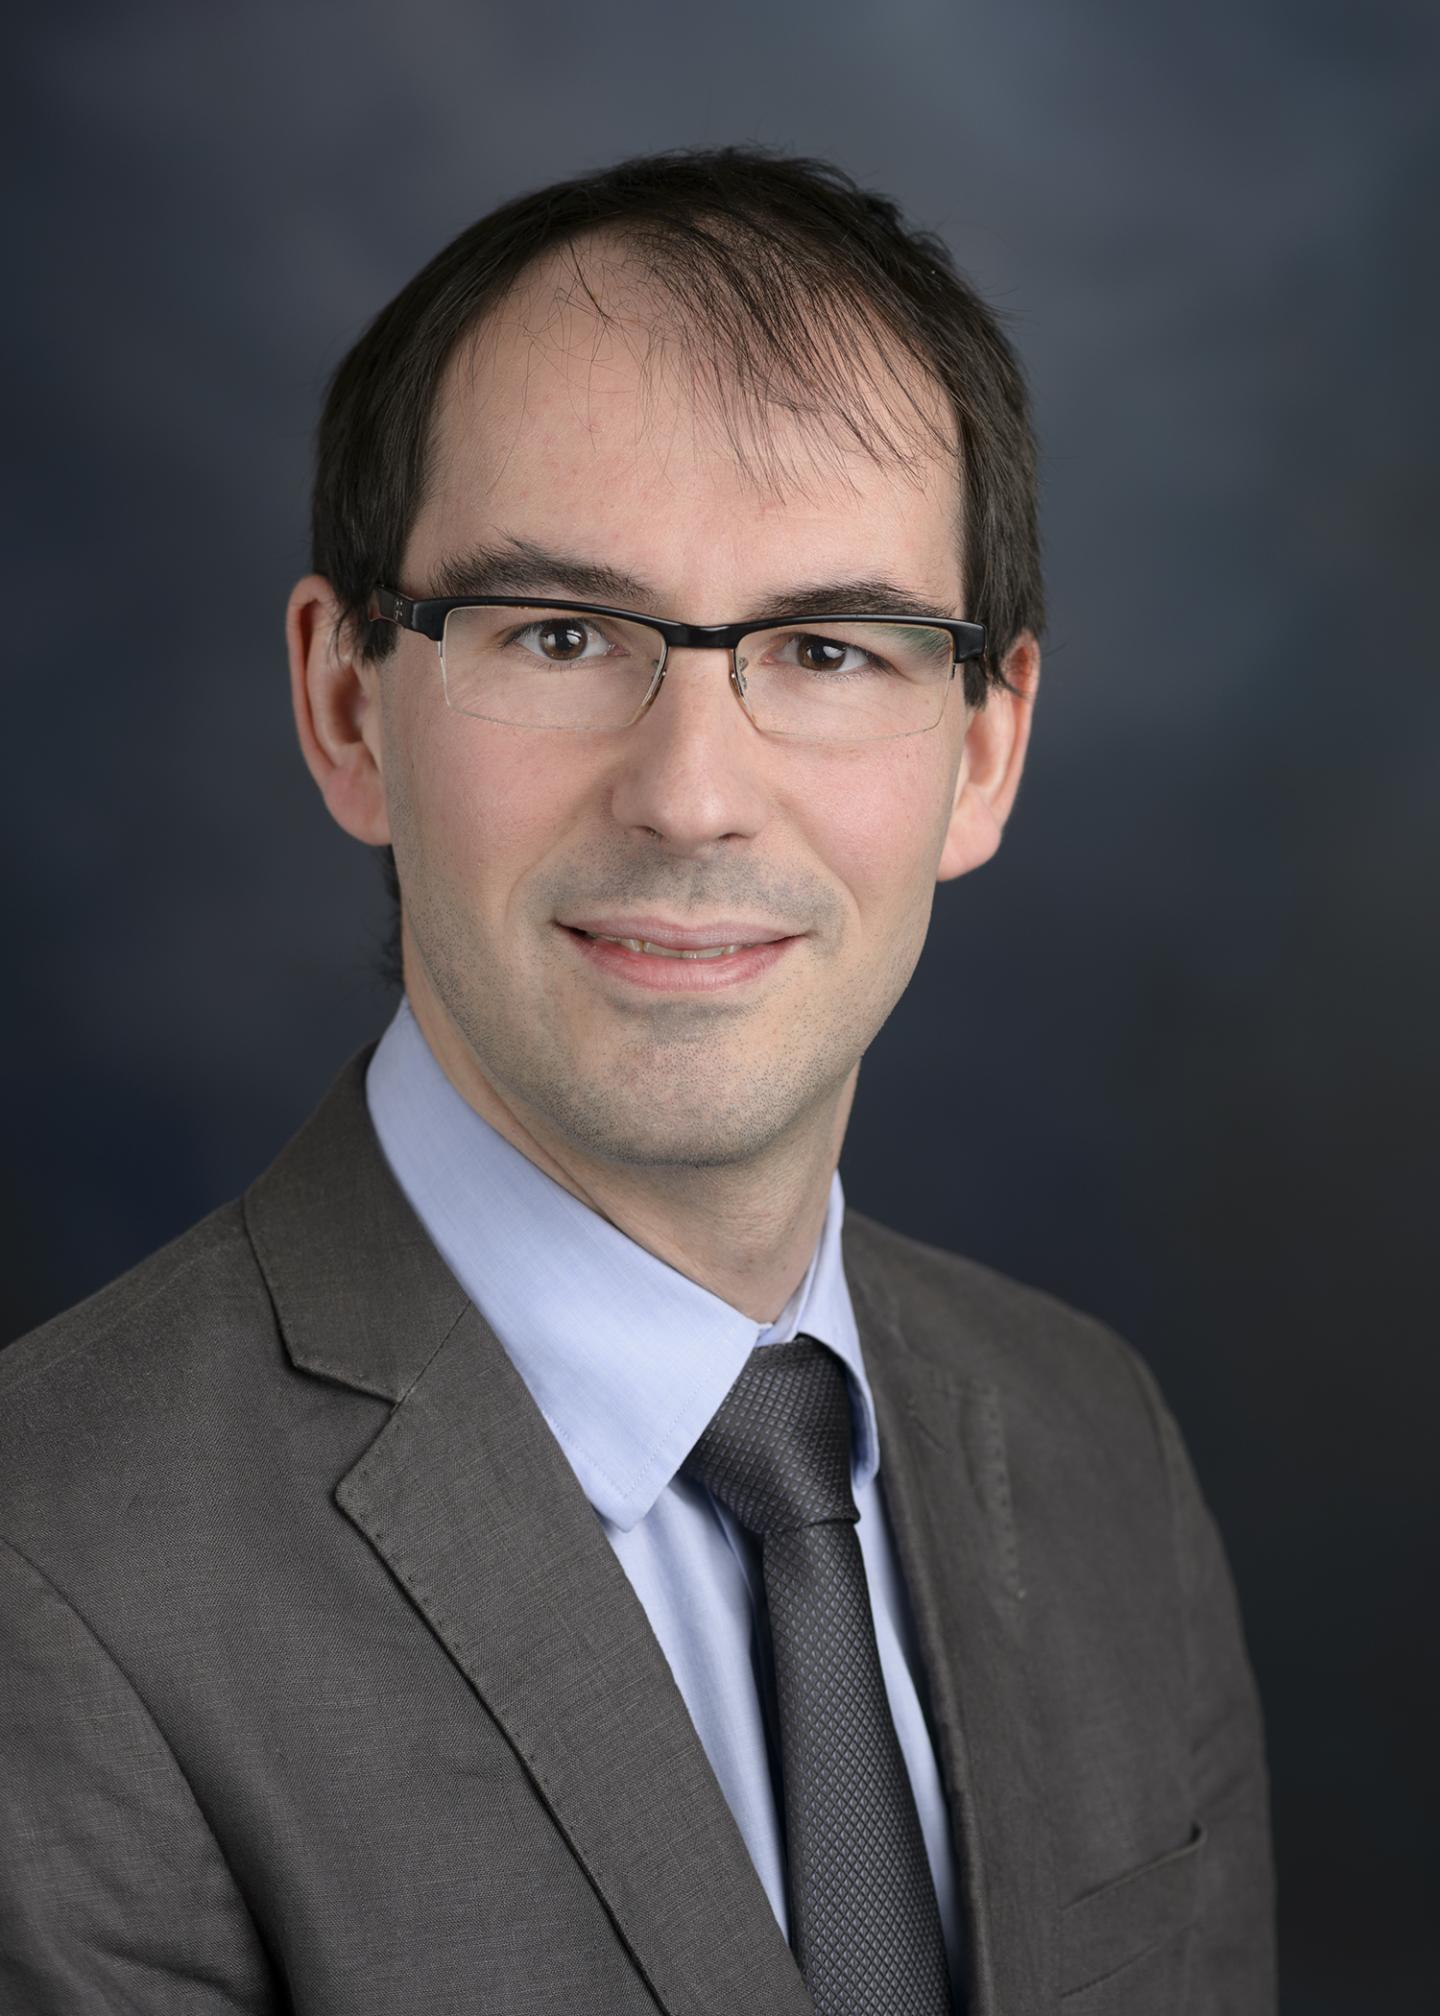 Benoit Chassaing, Georgia State University